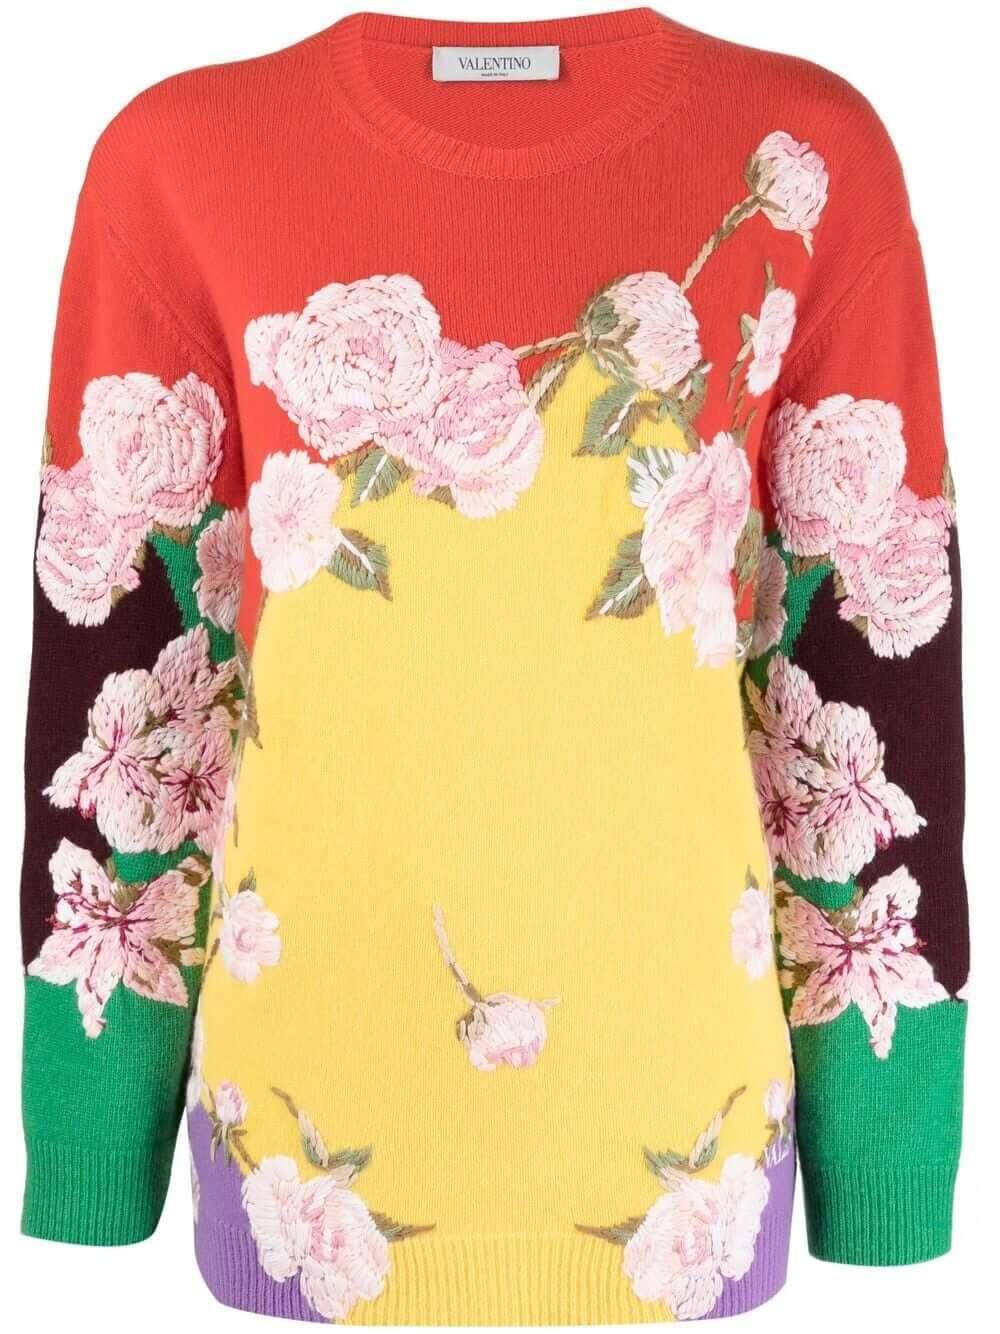 Maglia Floral Sweater Item # VB0KCC196F0